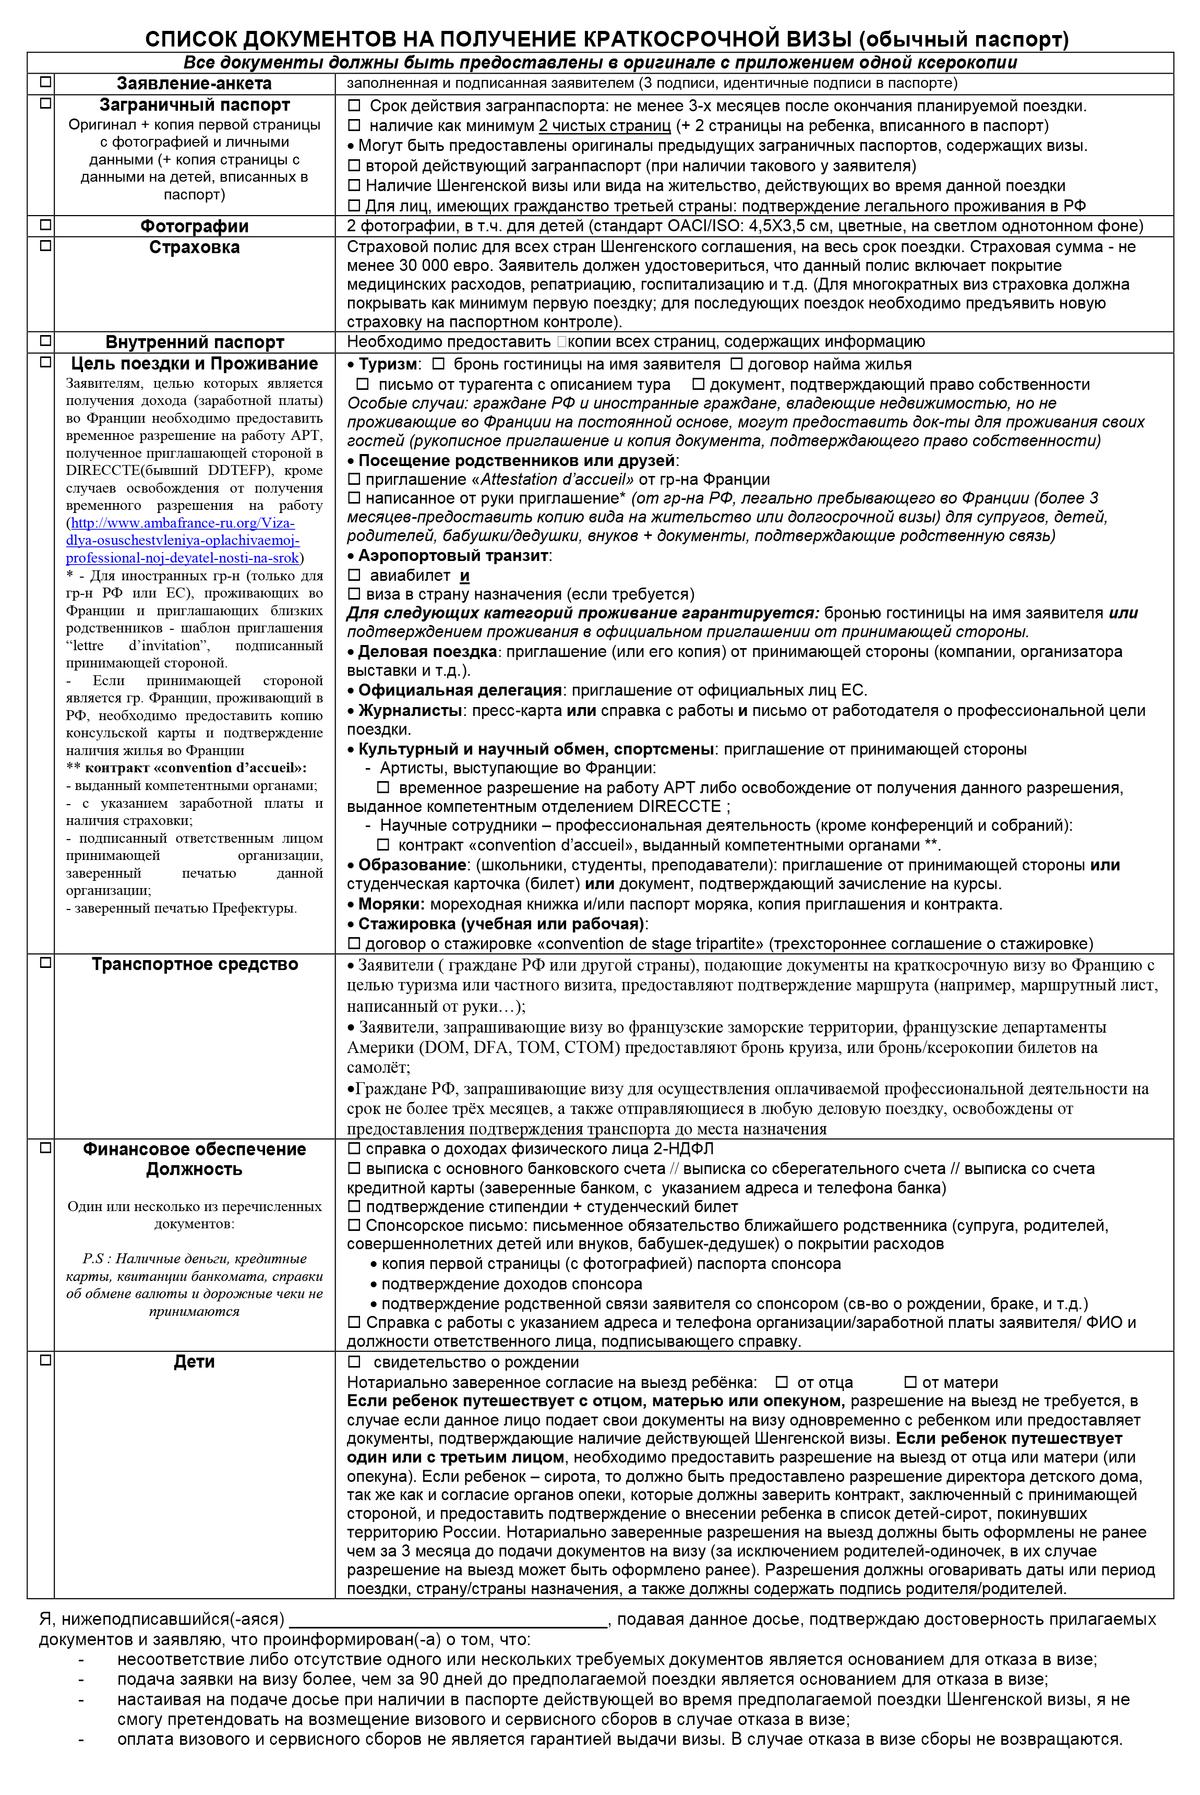 Чтобы уточнить, какие документы нужны длявизы DFA, я написал в визовый центр Франции в Санкт-Петербурге по адресу infospb.frru@vfshelpline.com — мне выслали этот список